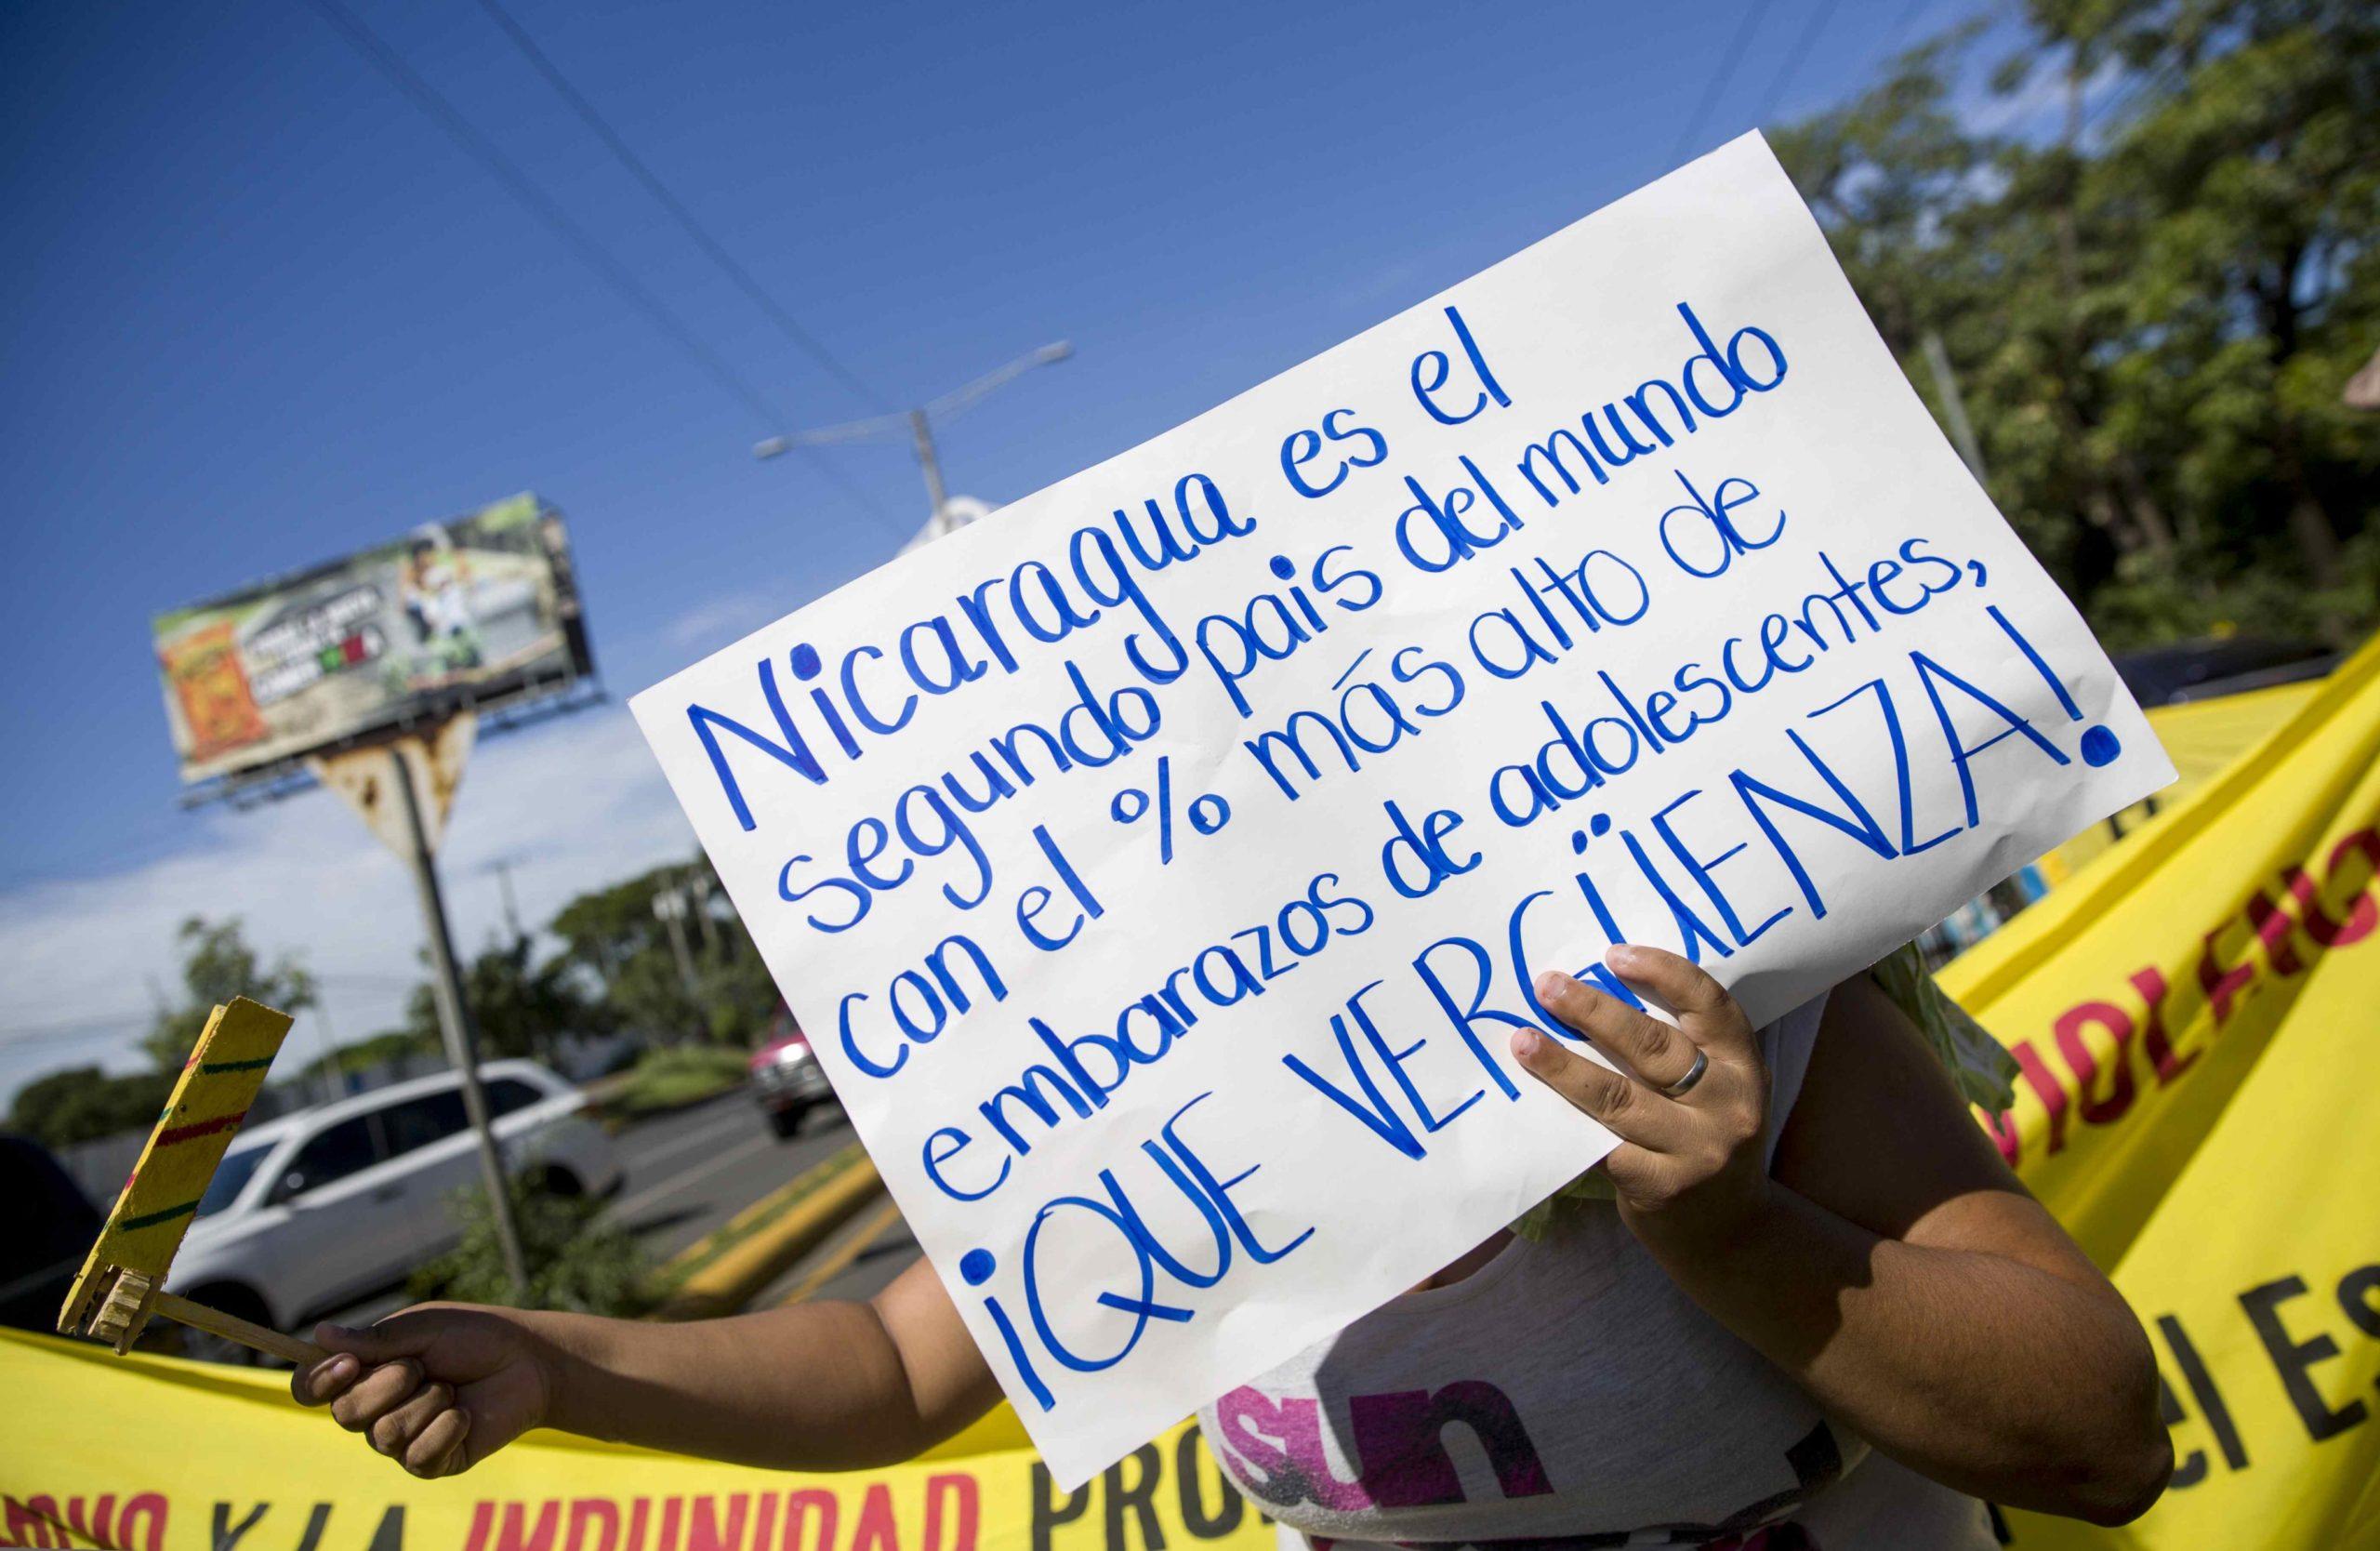 MUJERES EXIGEN AL PODER JUDICIAL RESTITUIR ABORTO TERAPÉUTICO EN NICARAGUA